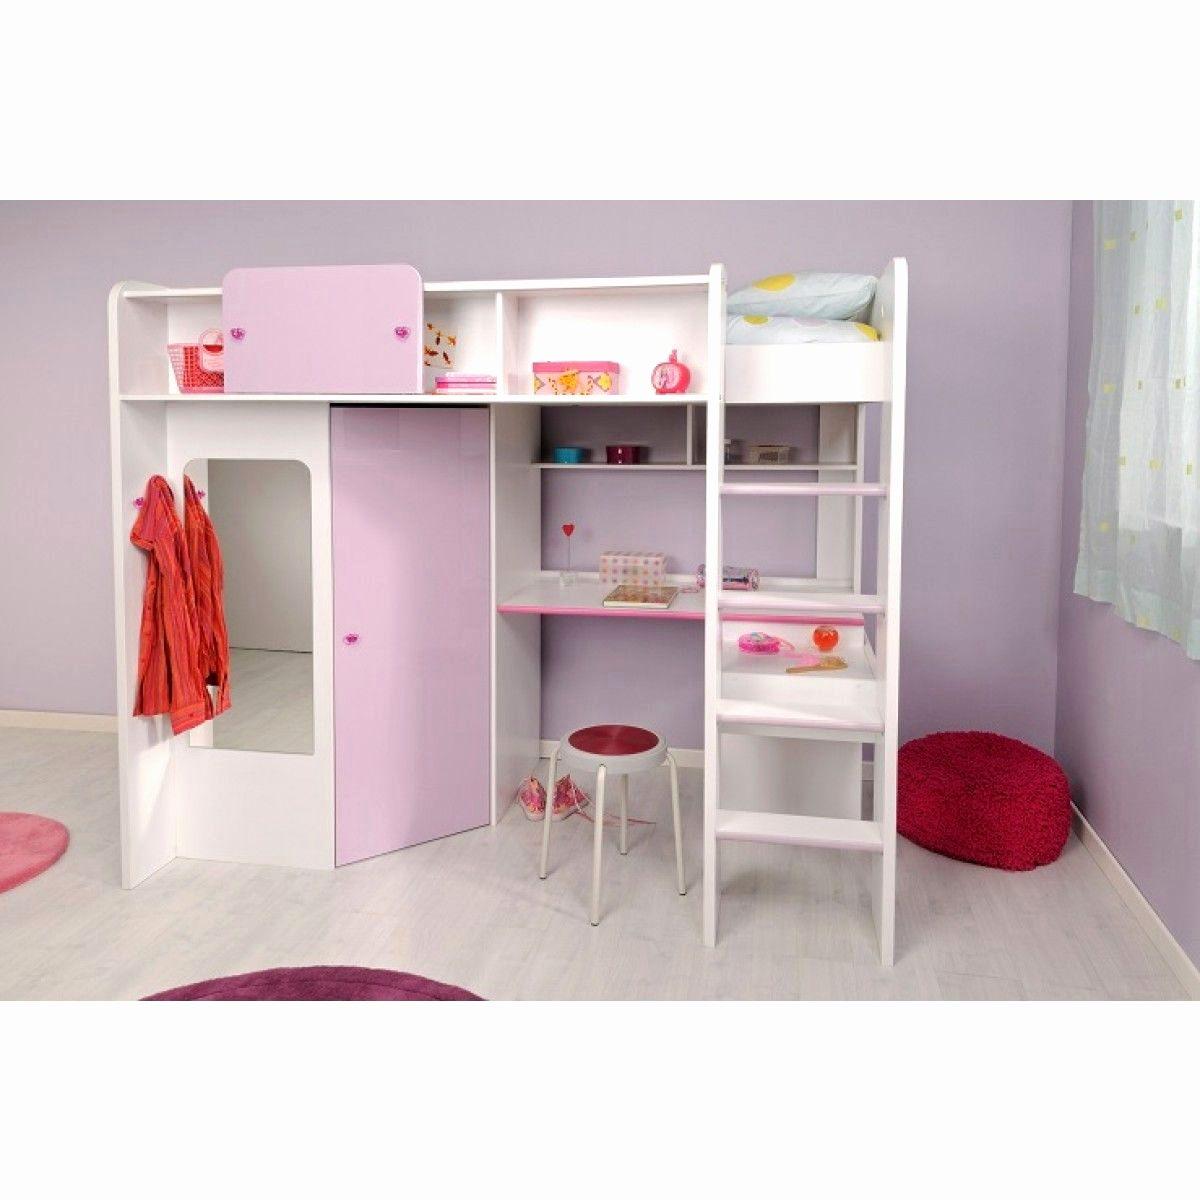 Lit Mezzanine Enfant Élégant Lit Mezzanine Avec Rangement Beau Lit En Mezzanine Luxe Rangement